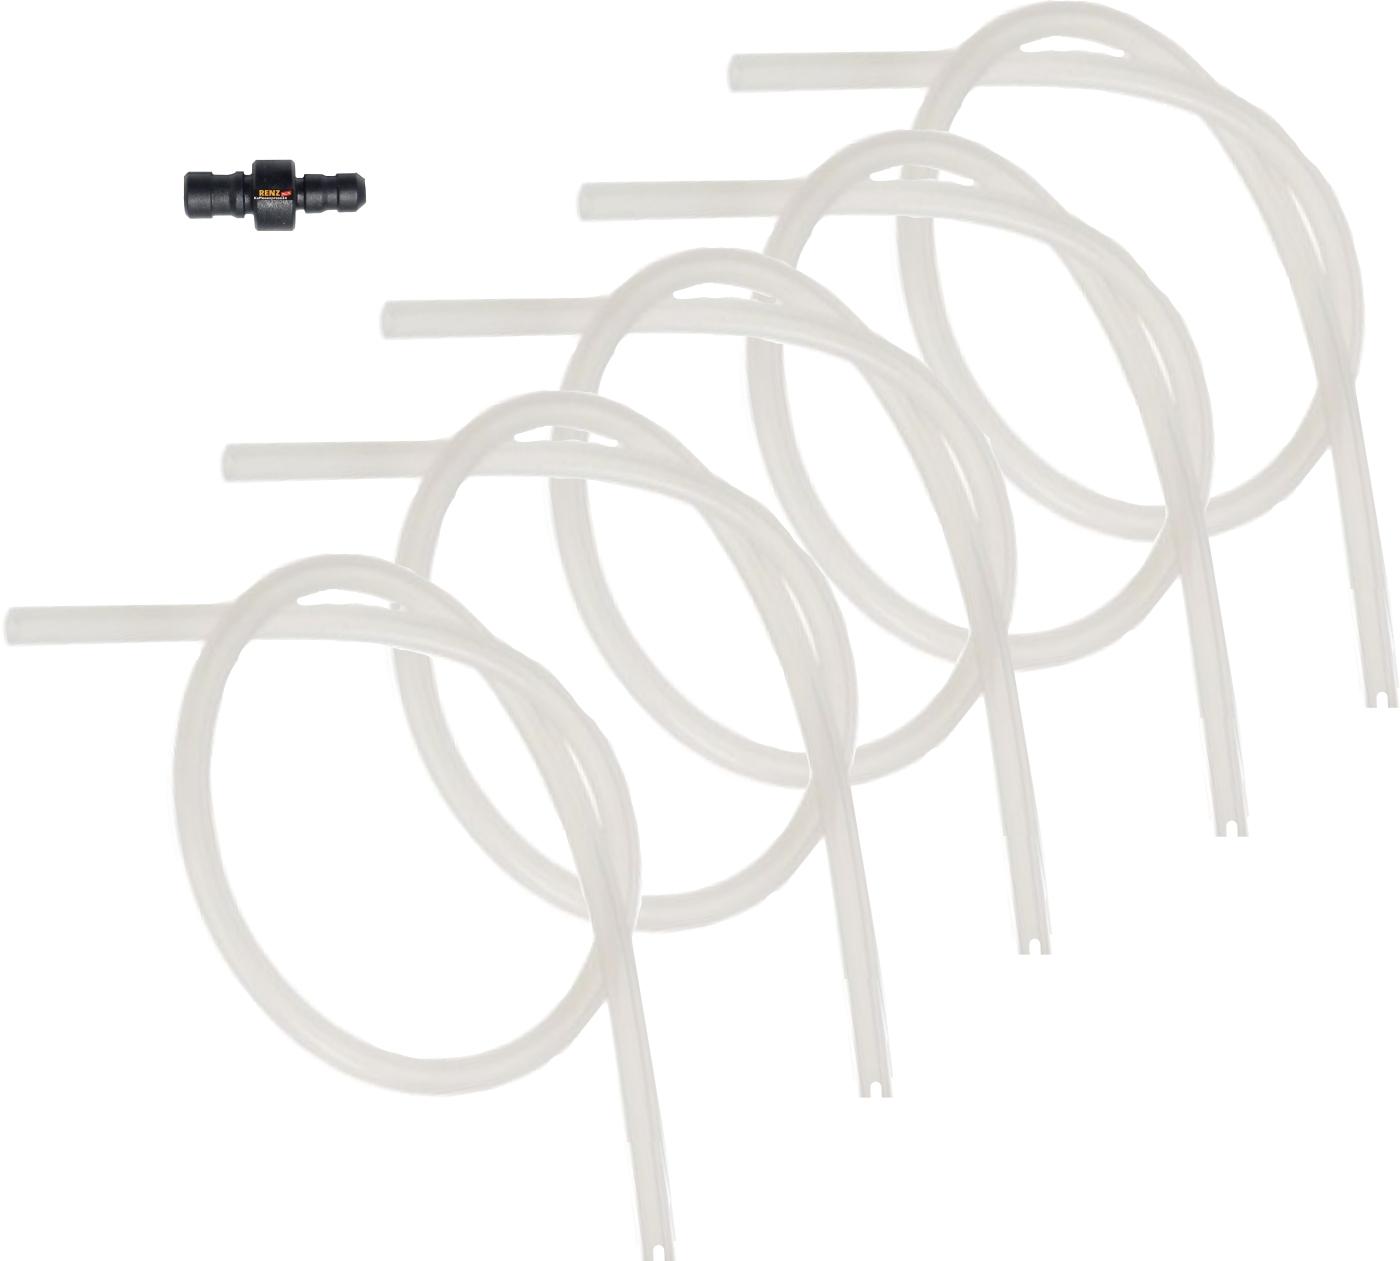 5x Milchschlauch + 1x Anschlussnippel - Set kompatibel mit Jura Geräten für Milchschaum Aufschäumer